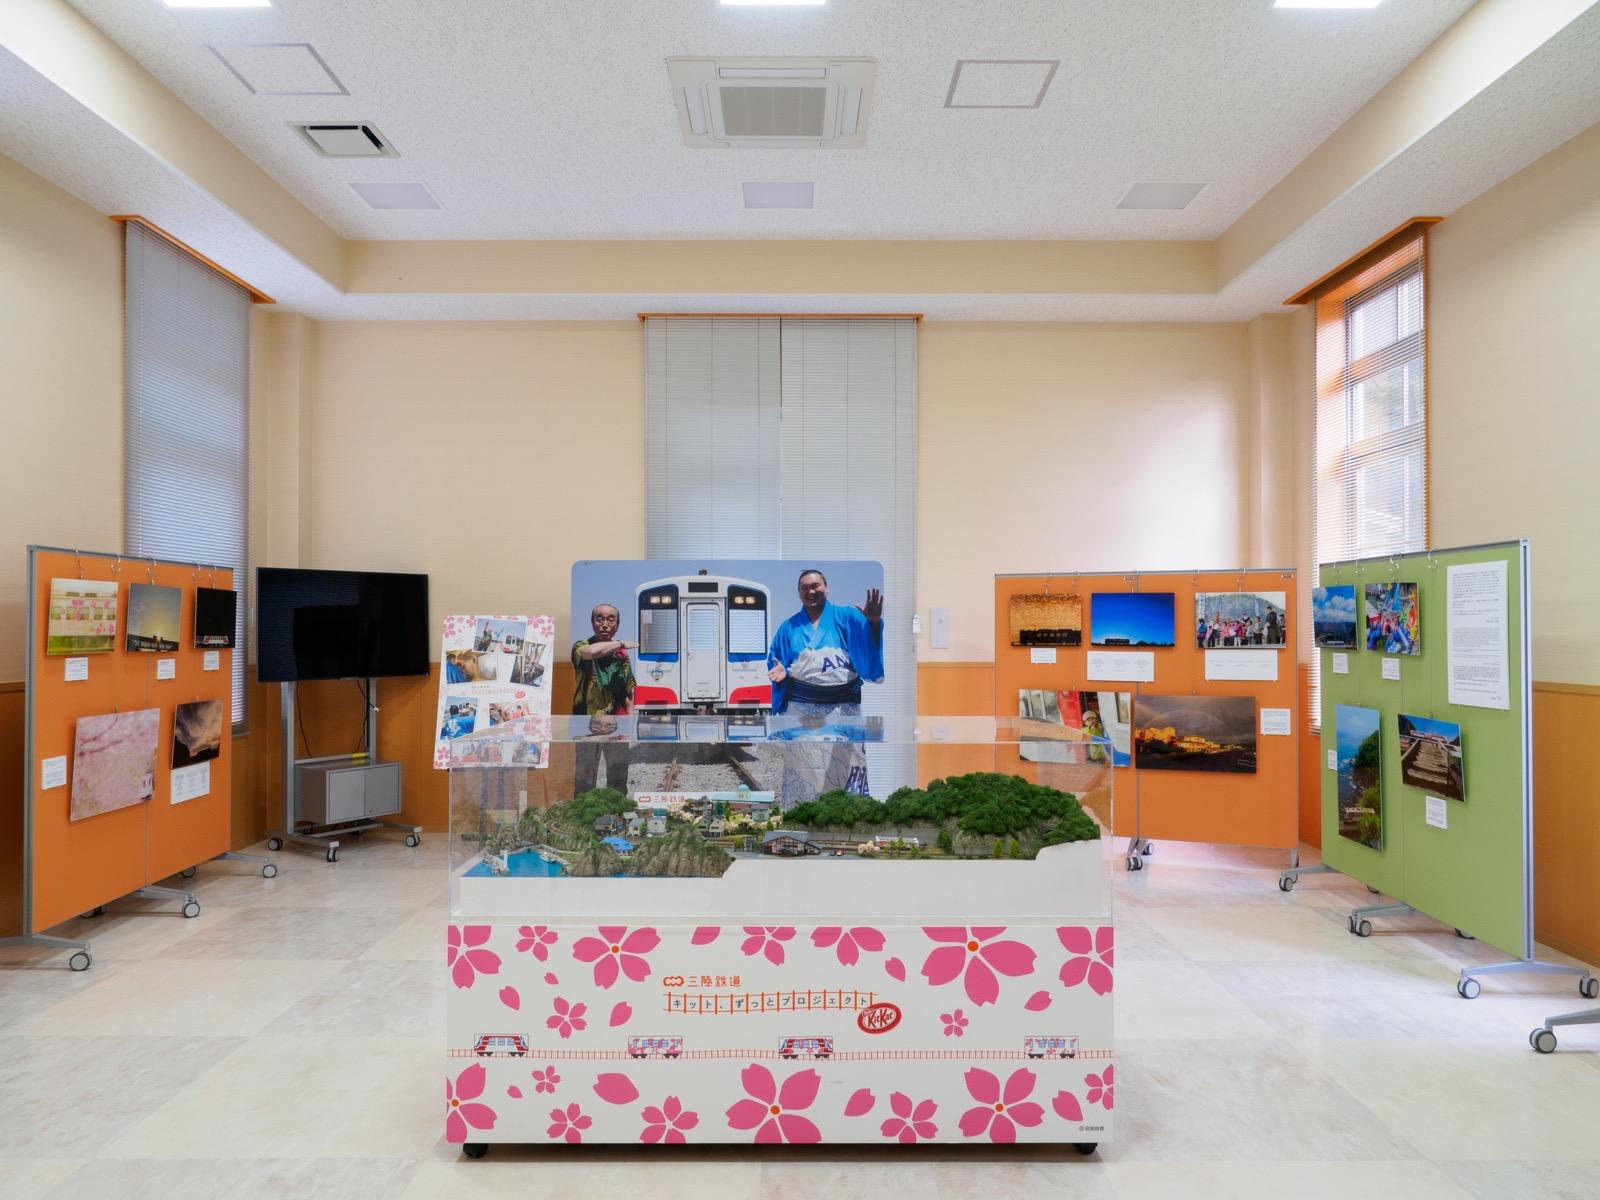 島越駅の駅舎内に展示されたジオラマやパネル